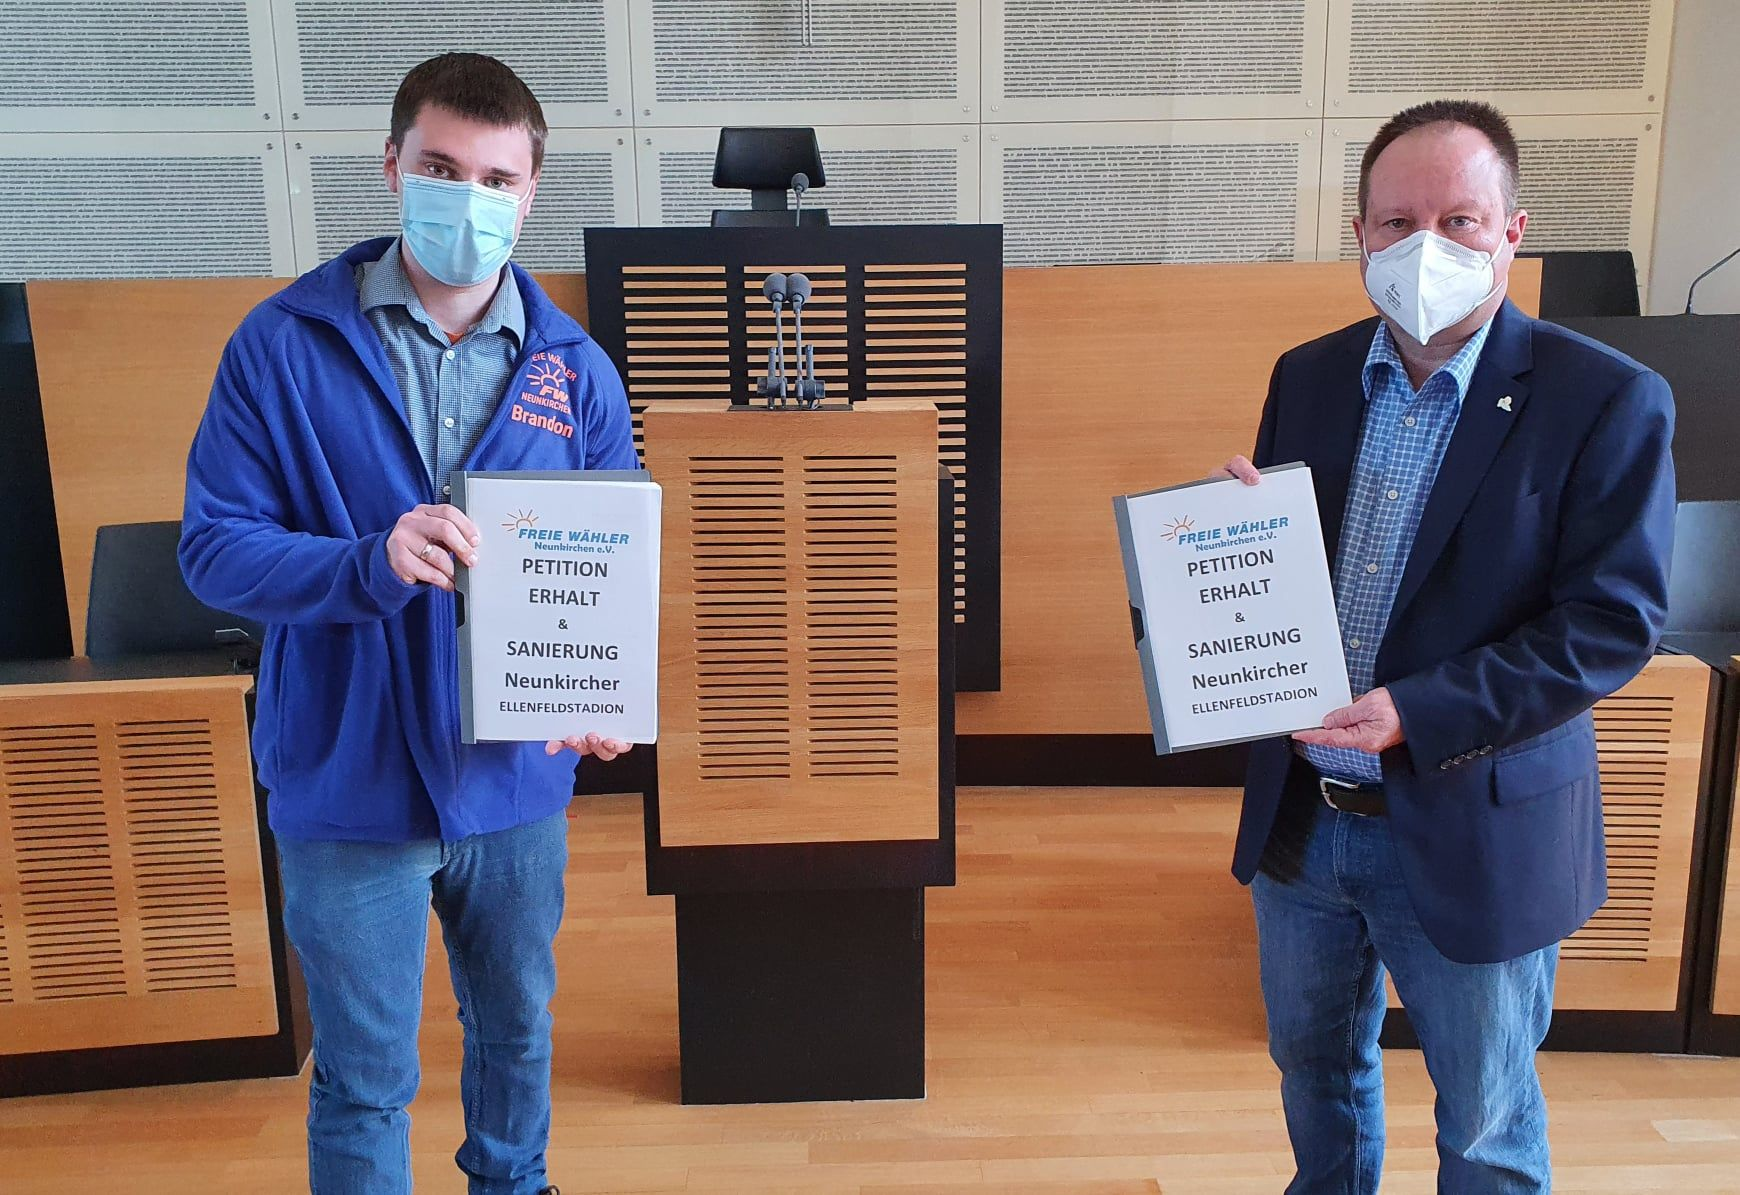 FREIE WÄHLER überreichen Petition an saarländischen Landtag